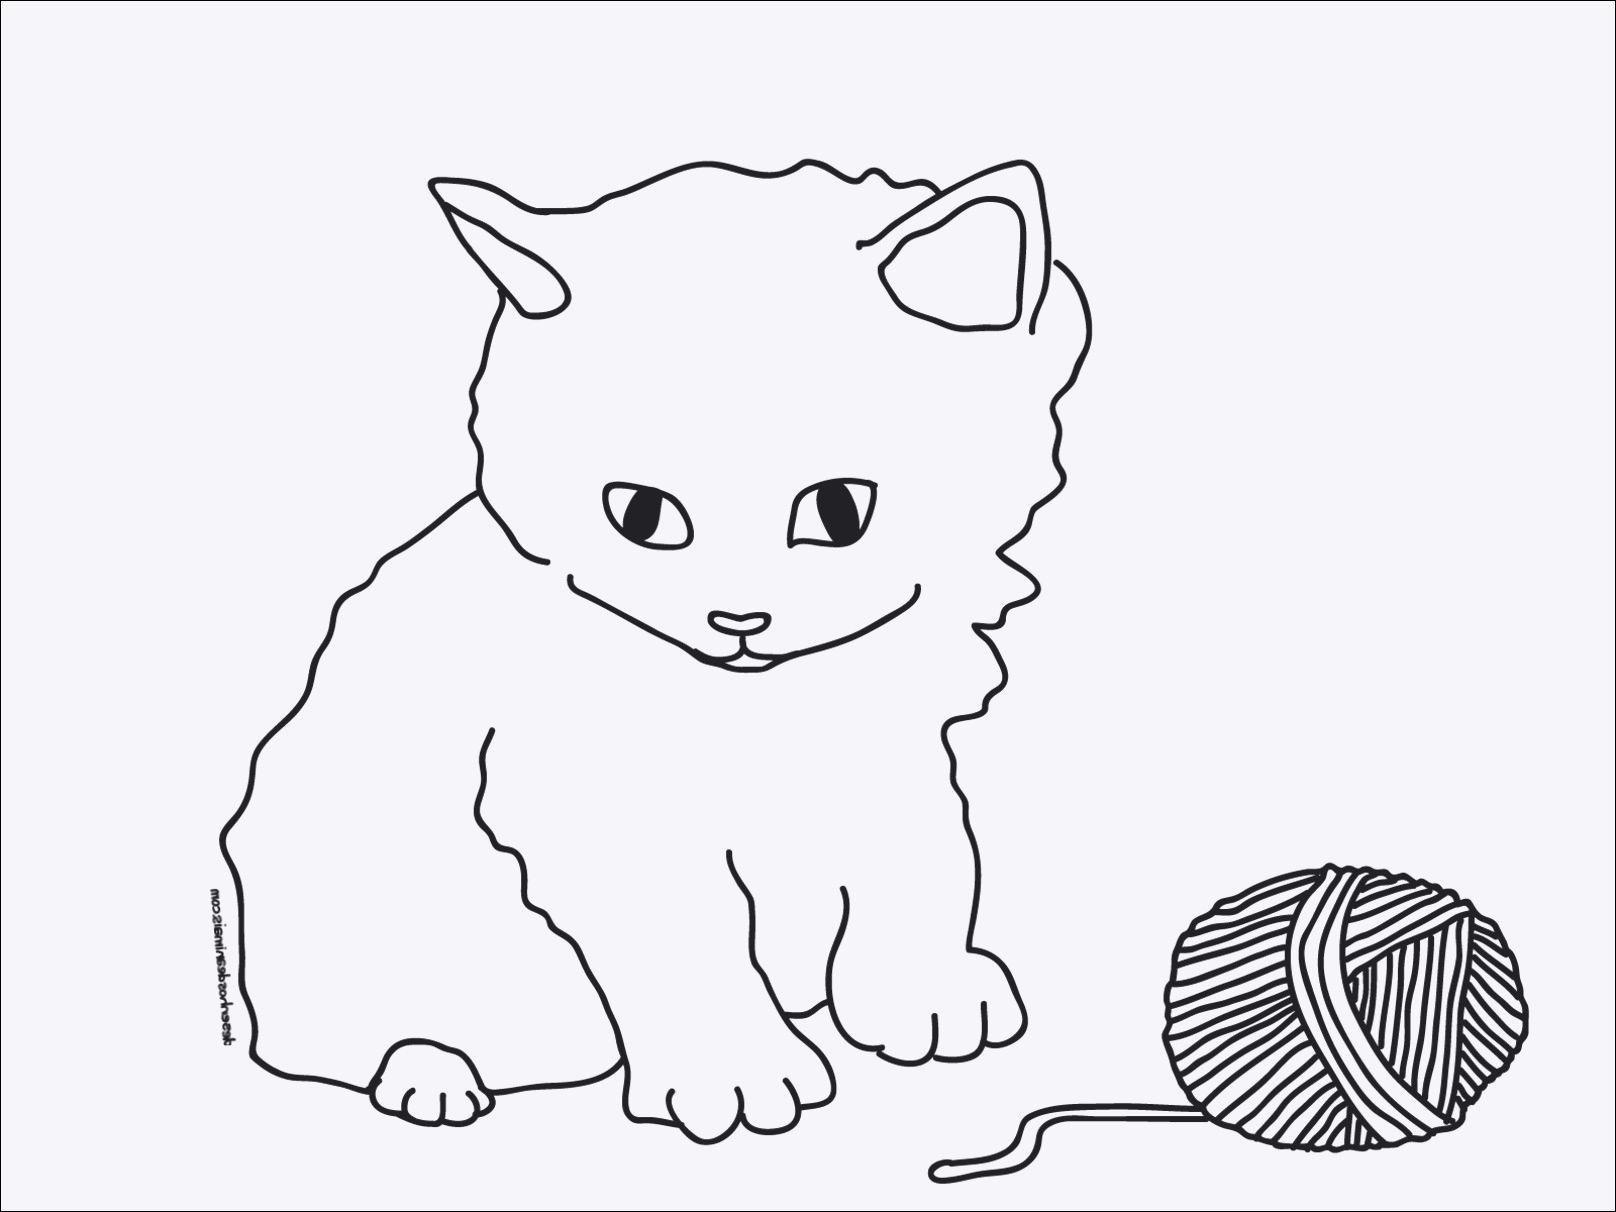 Einzigartig Malvorlage Hund Malvorlagen Malvorlagenfurkinder Malvorlagenfurerwachsene Ausmalbilder Katzen Ausmalbilder Malvorlage Hund